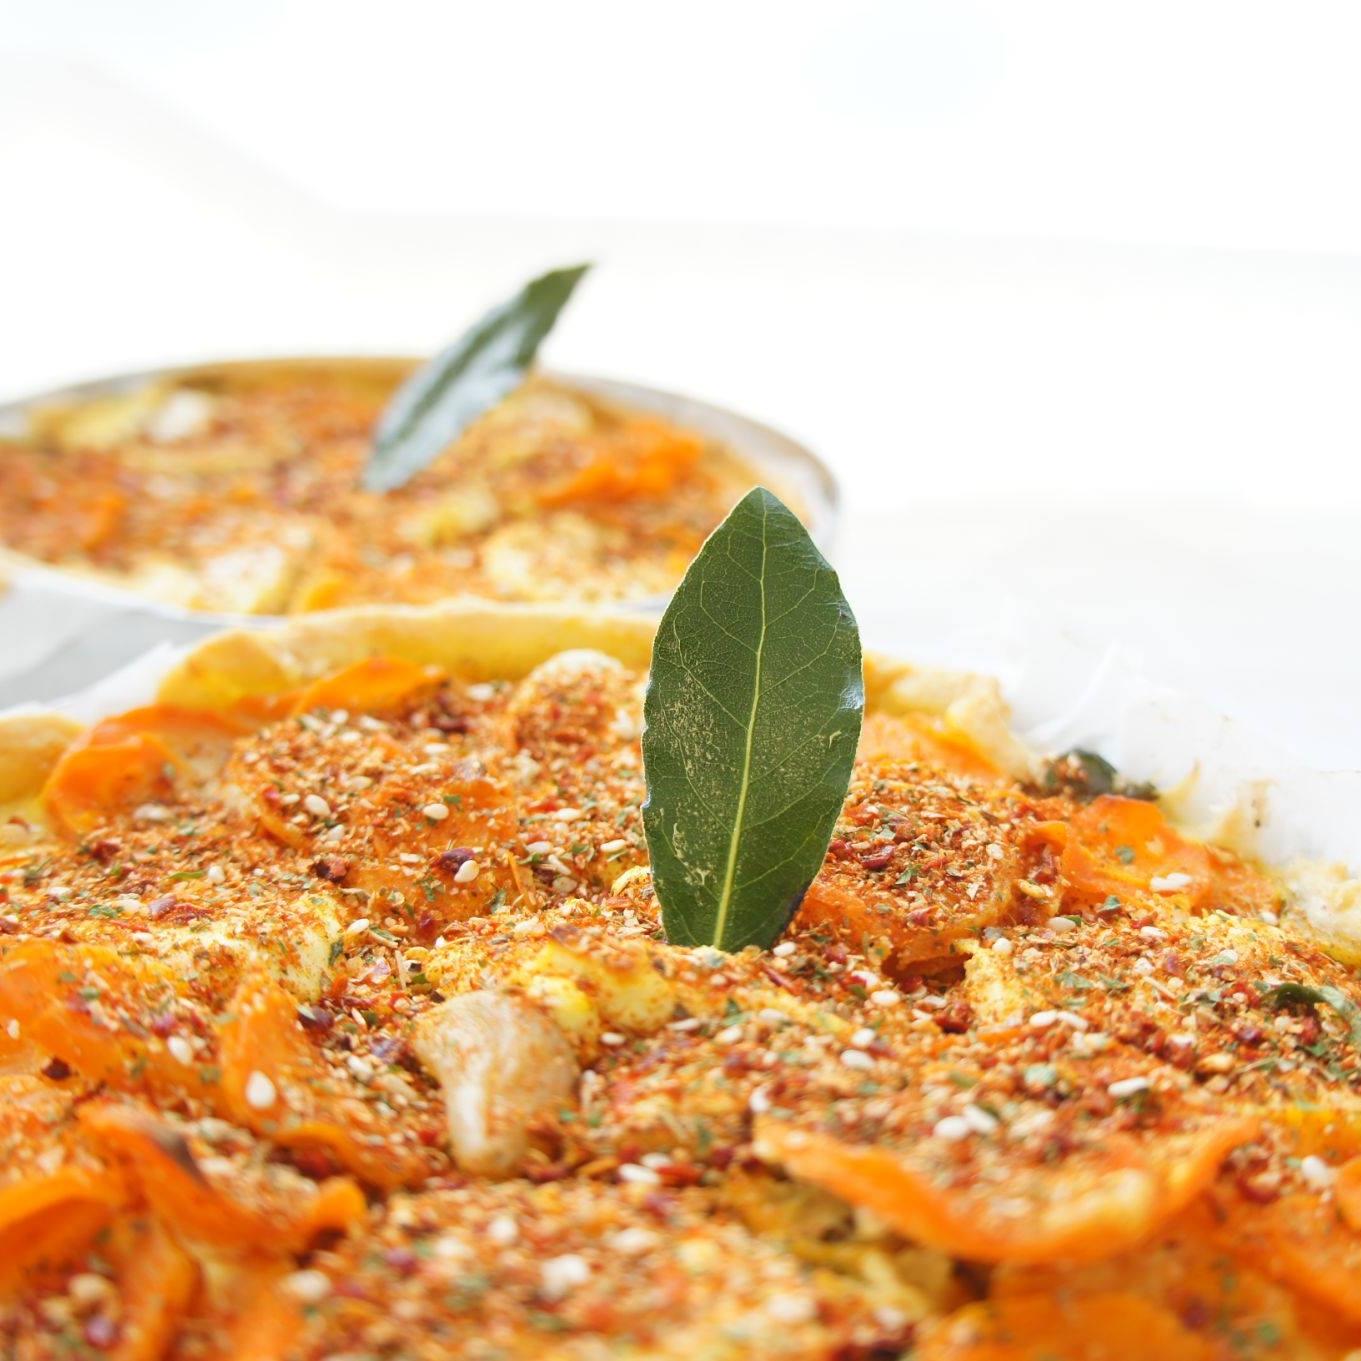 LA TARTENTIERE - la Tartentière produit des tartes sucrées et salées composées d'une pâte croustillante à la farine bio, une garniture faite de légumes frais, de produits de la région et de saison.2 rue des culquoilés - 17630 La Flotte en Ré - tel : +33 5 16 85 49 85